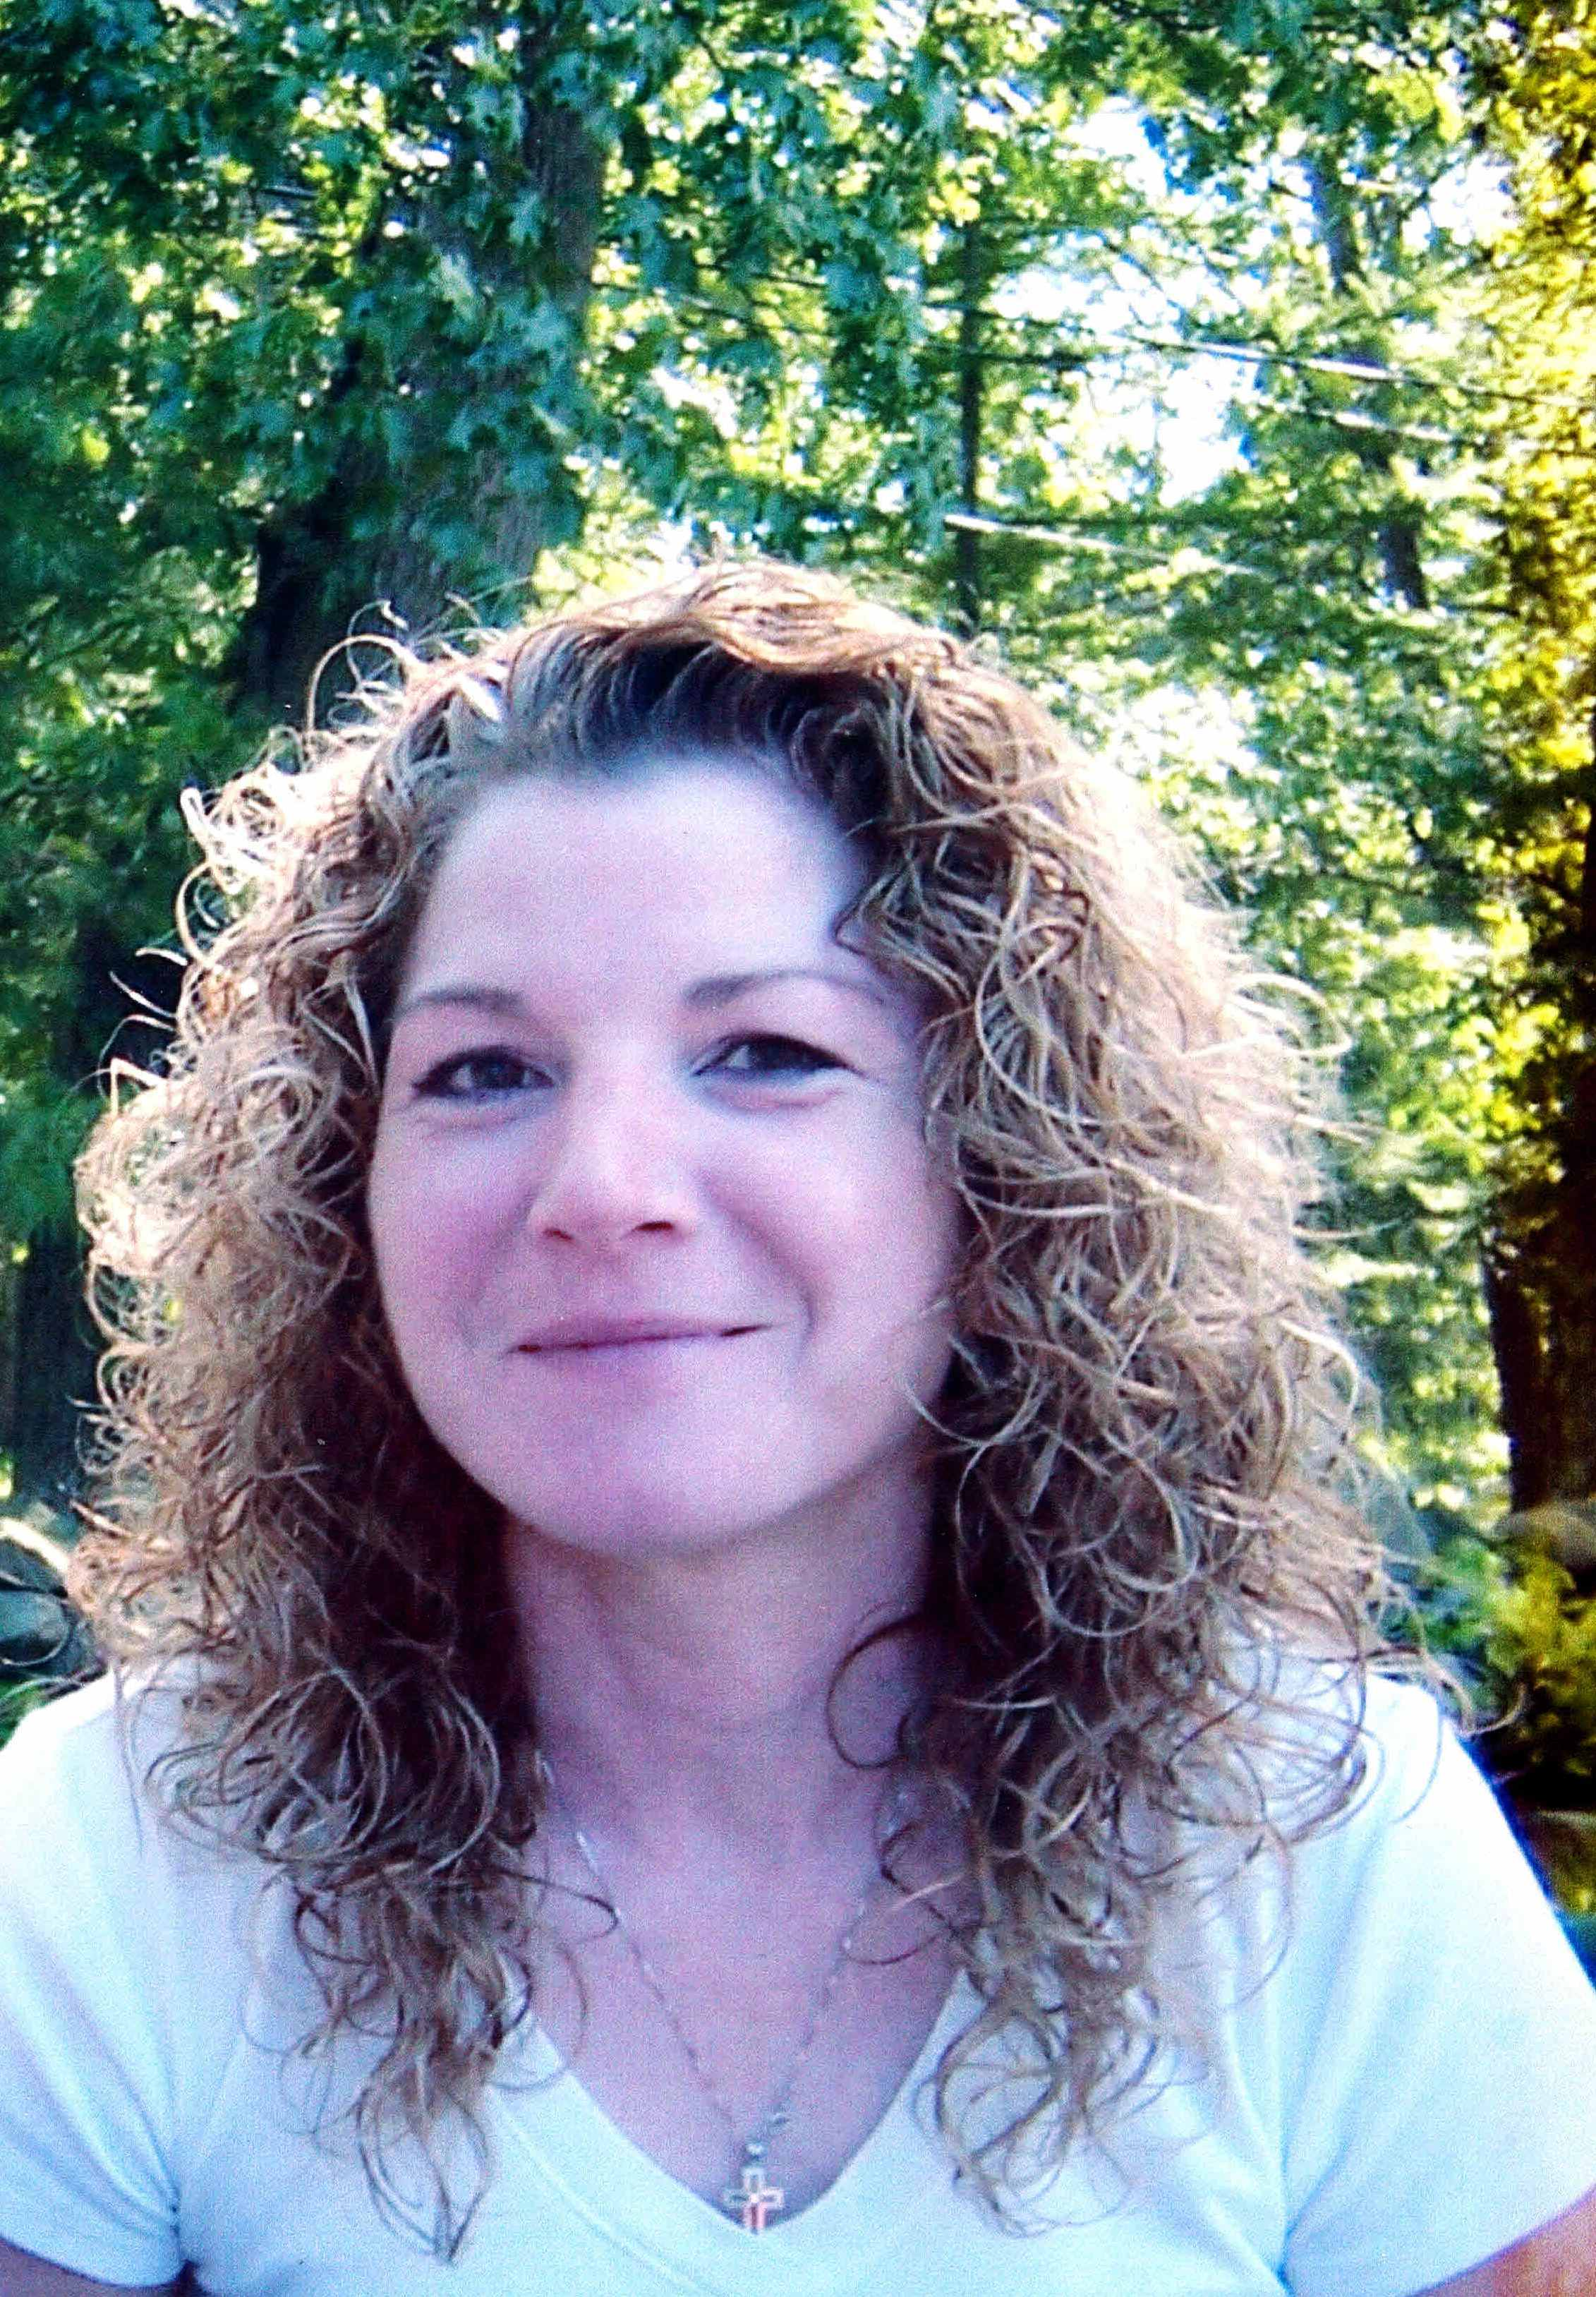 Debra Lee Brouwer